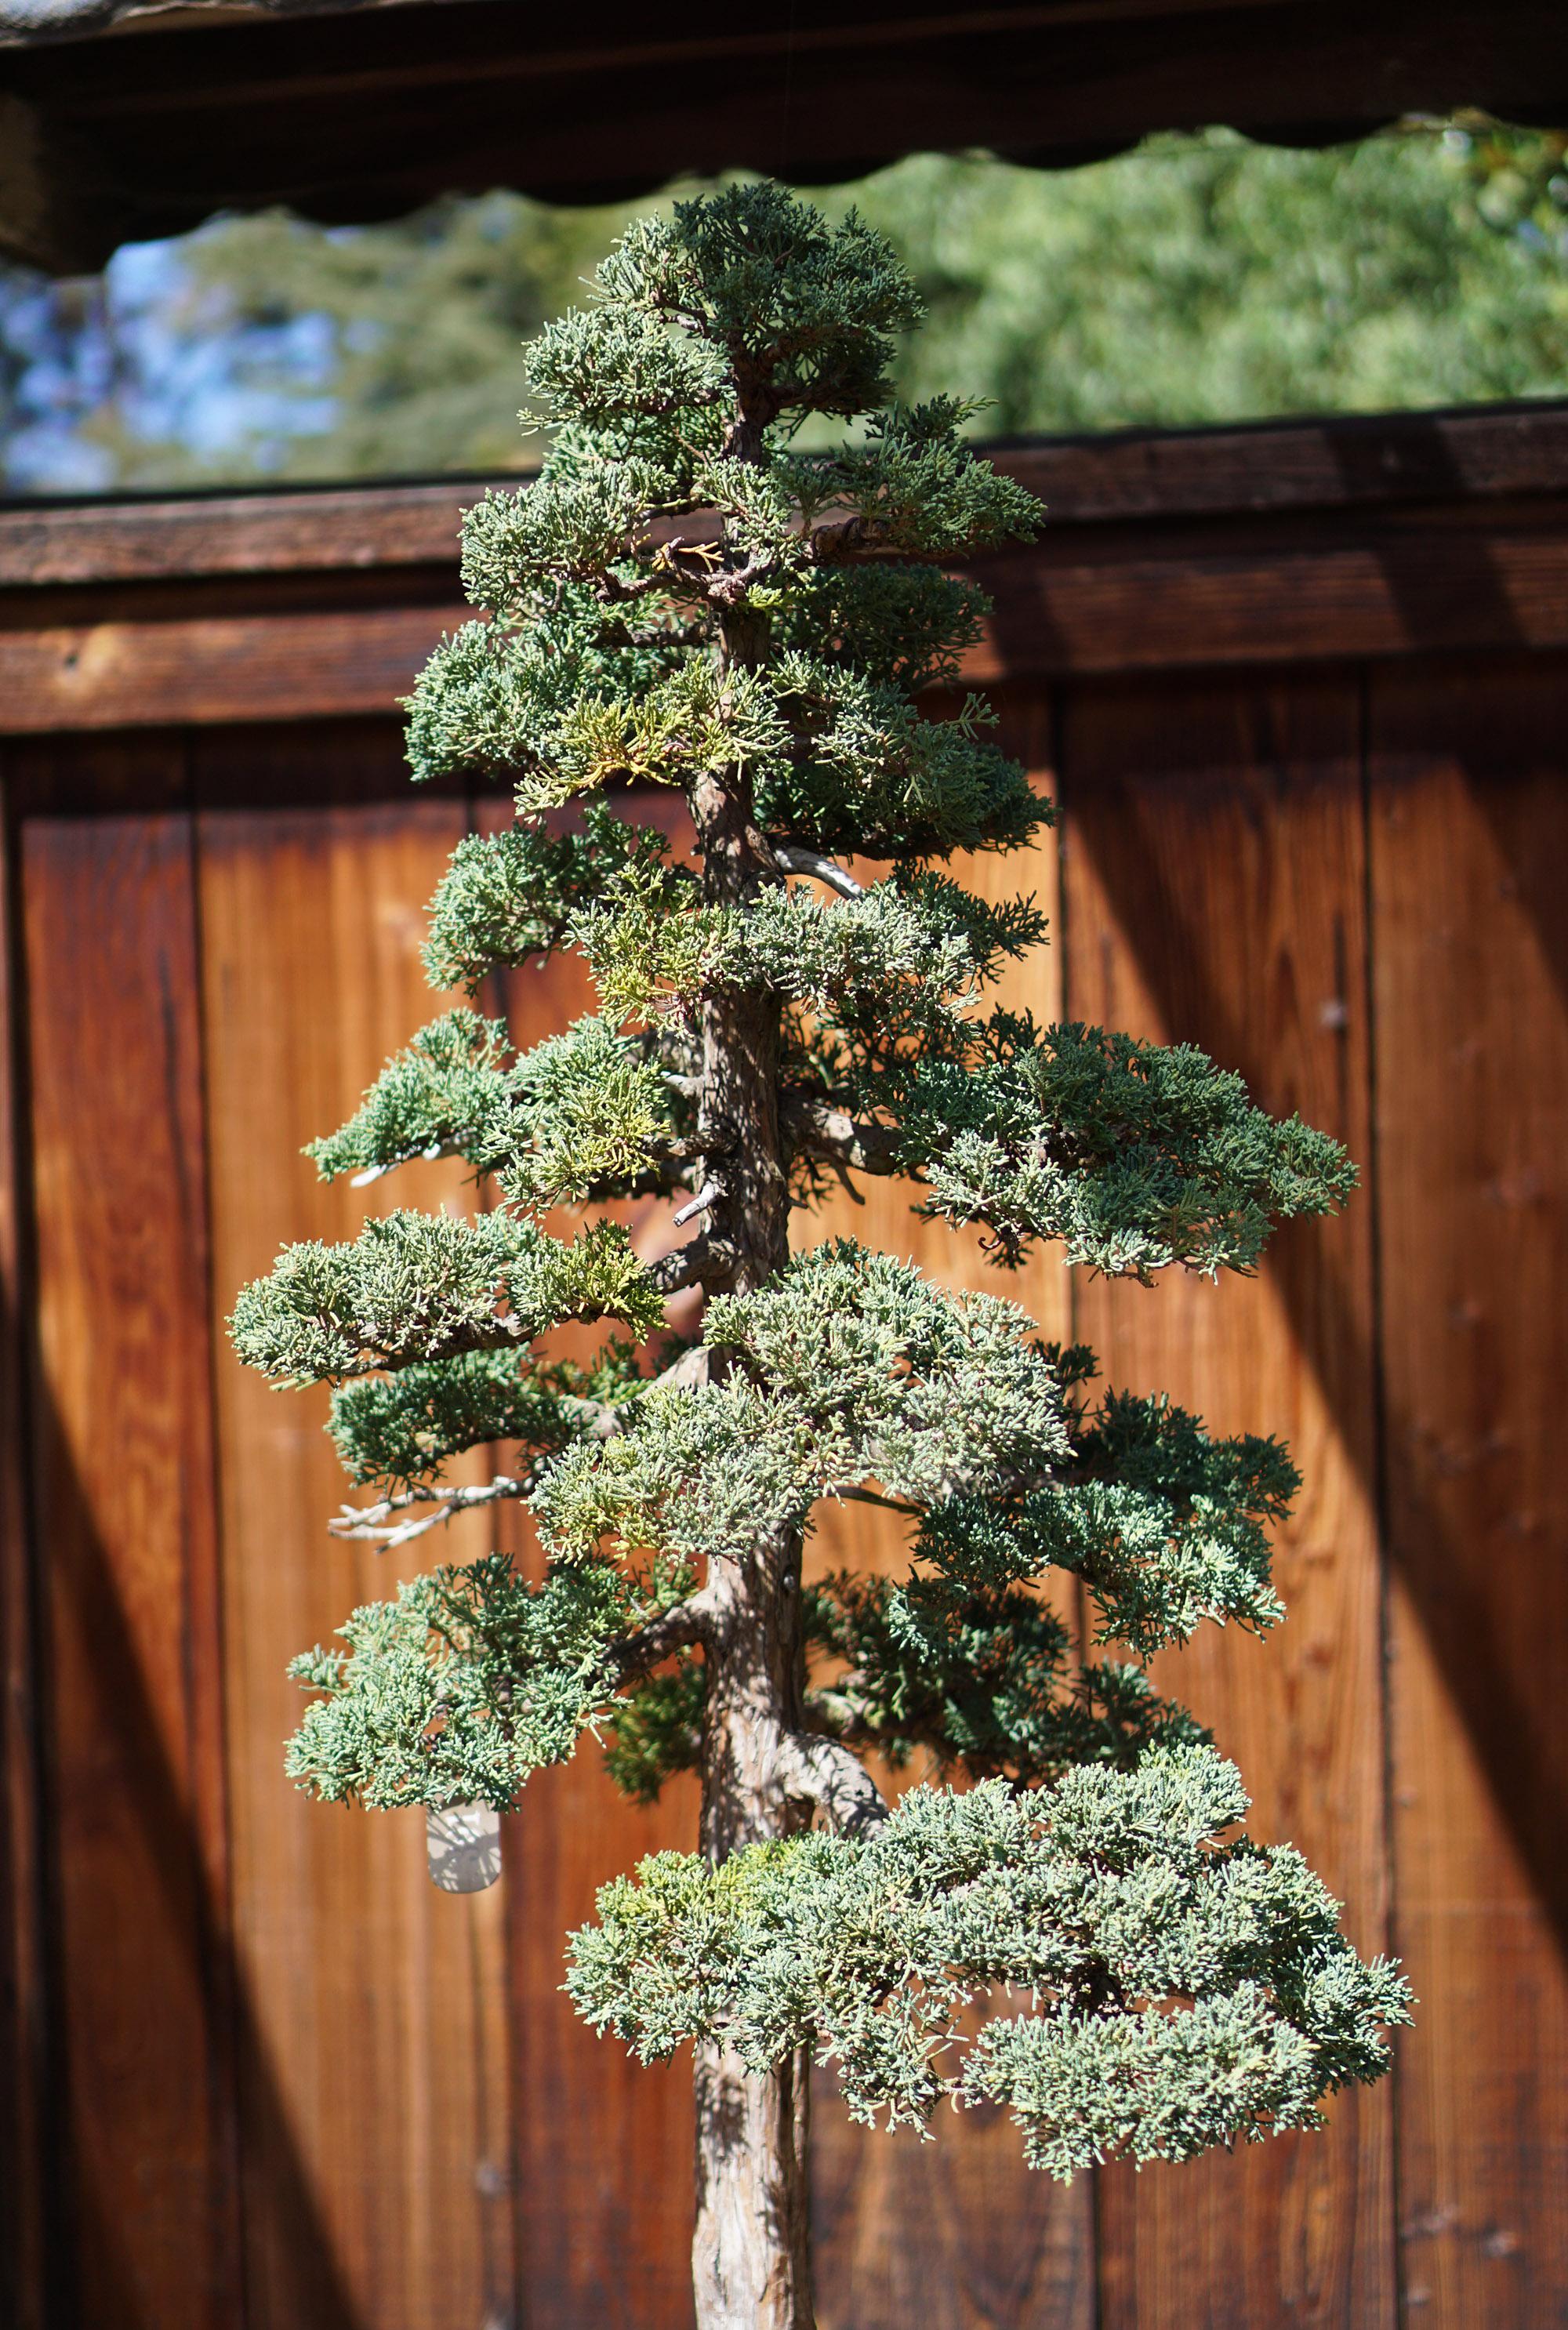 Bonsai tree at Lake Merritt, Oakland California / Darker than Green